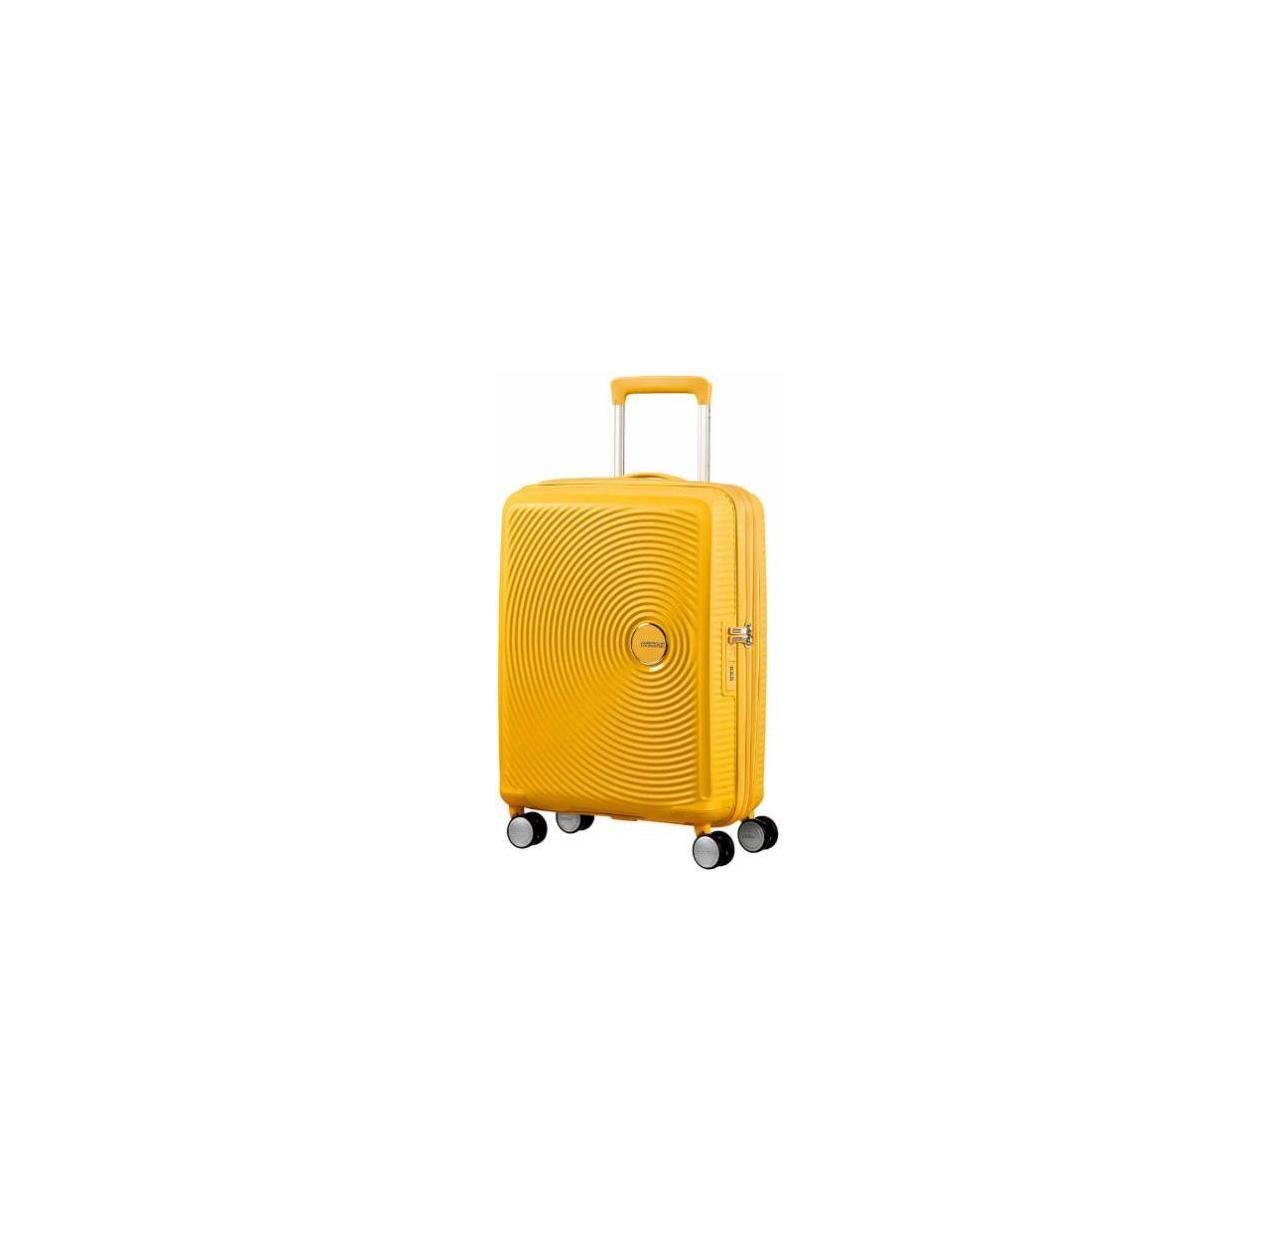 0a4f9c15a4207 Walizka SAMSONITE 32G06001 SOUNDBOX-55/20 TSA,EXP bagaż, 4 kółka,